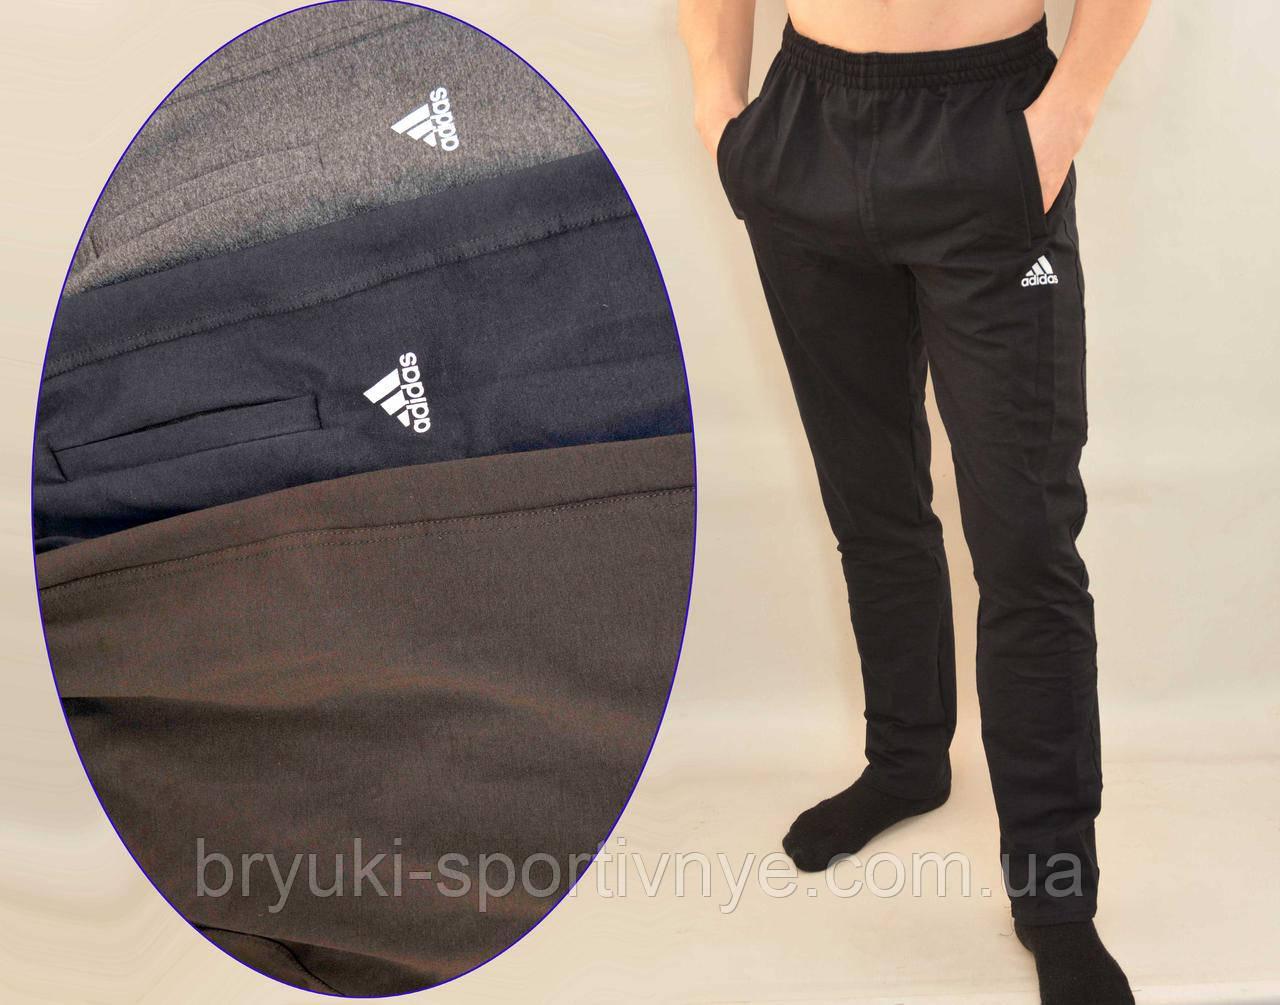 4ba73427f63c Брюки спортивные трикотажные мужские Adidas с карманами на молнии - Штаны  спортивные - интернет-магазин